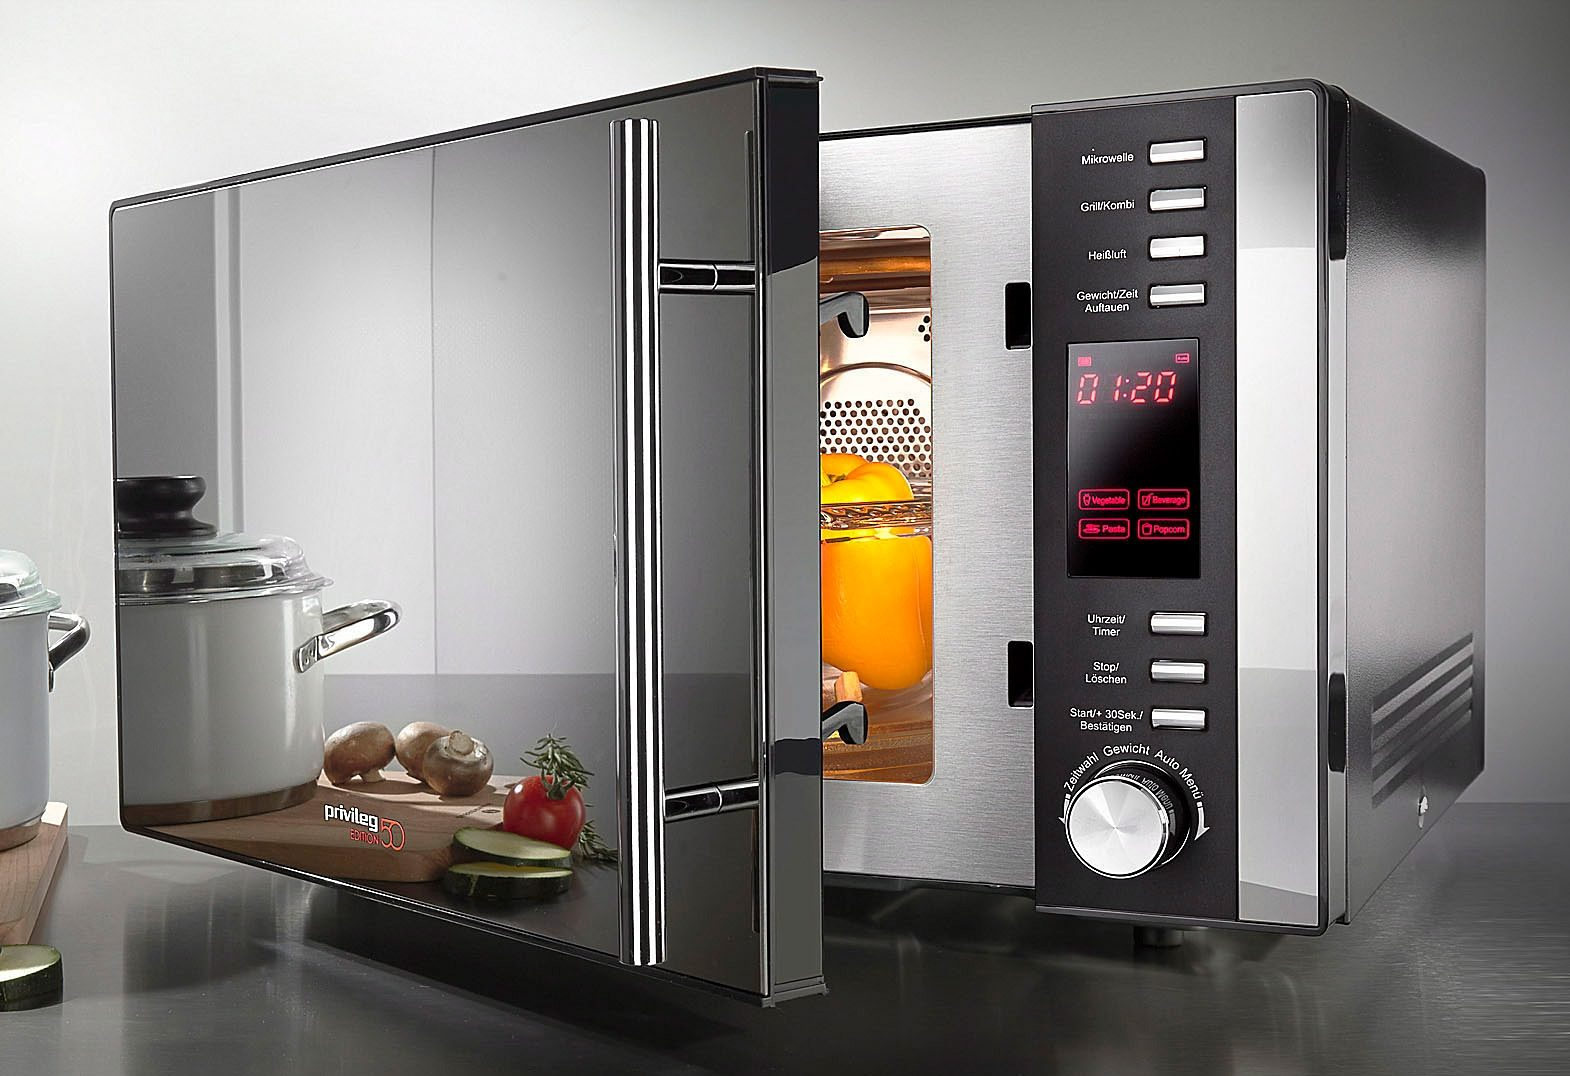 Privileg 3-in-1-Mikrowelle AC925EBL Edition 50, Heißluft und Grill, 25 Liter Garraum, 10 Automatikprogramme und 5 Leistungsstufen, 900 Watt